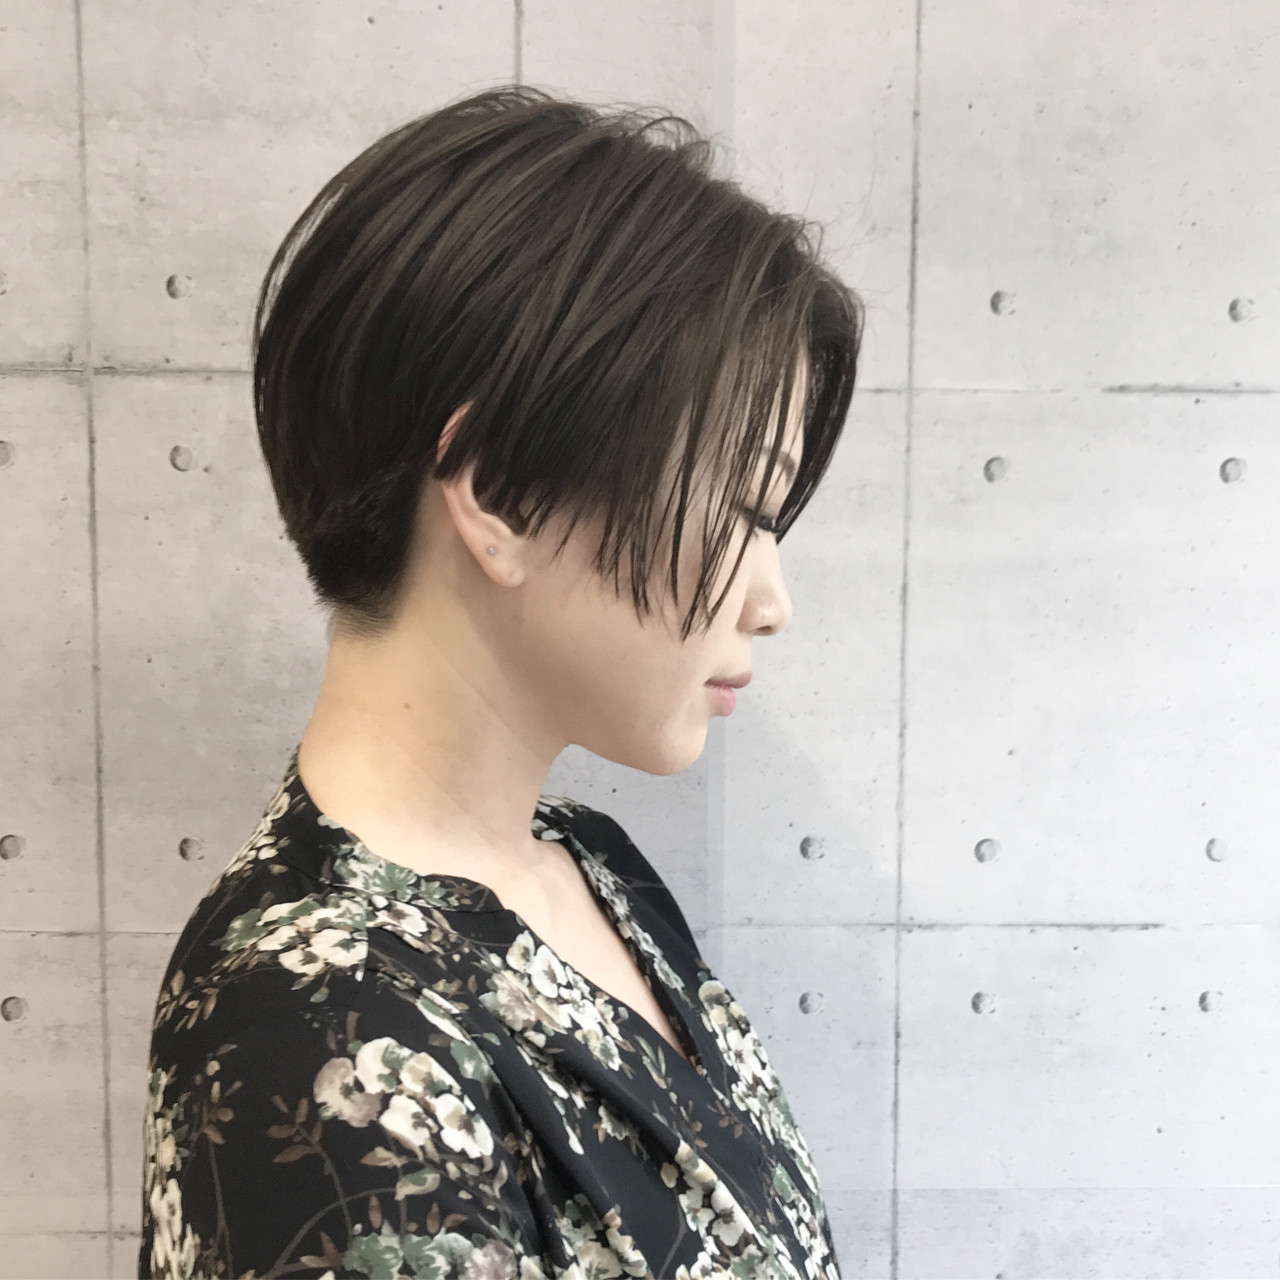 似合わせ 抜け感 モード センターパート ヘアスタイルや髪型の写真・画像